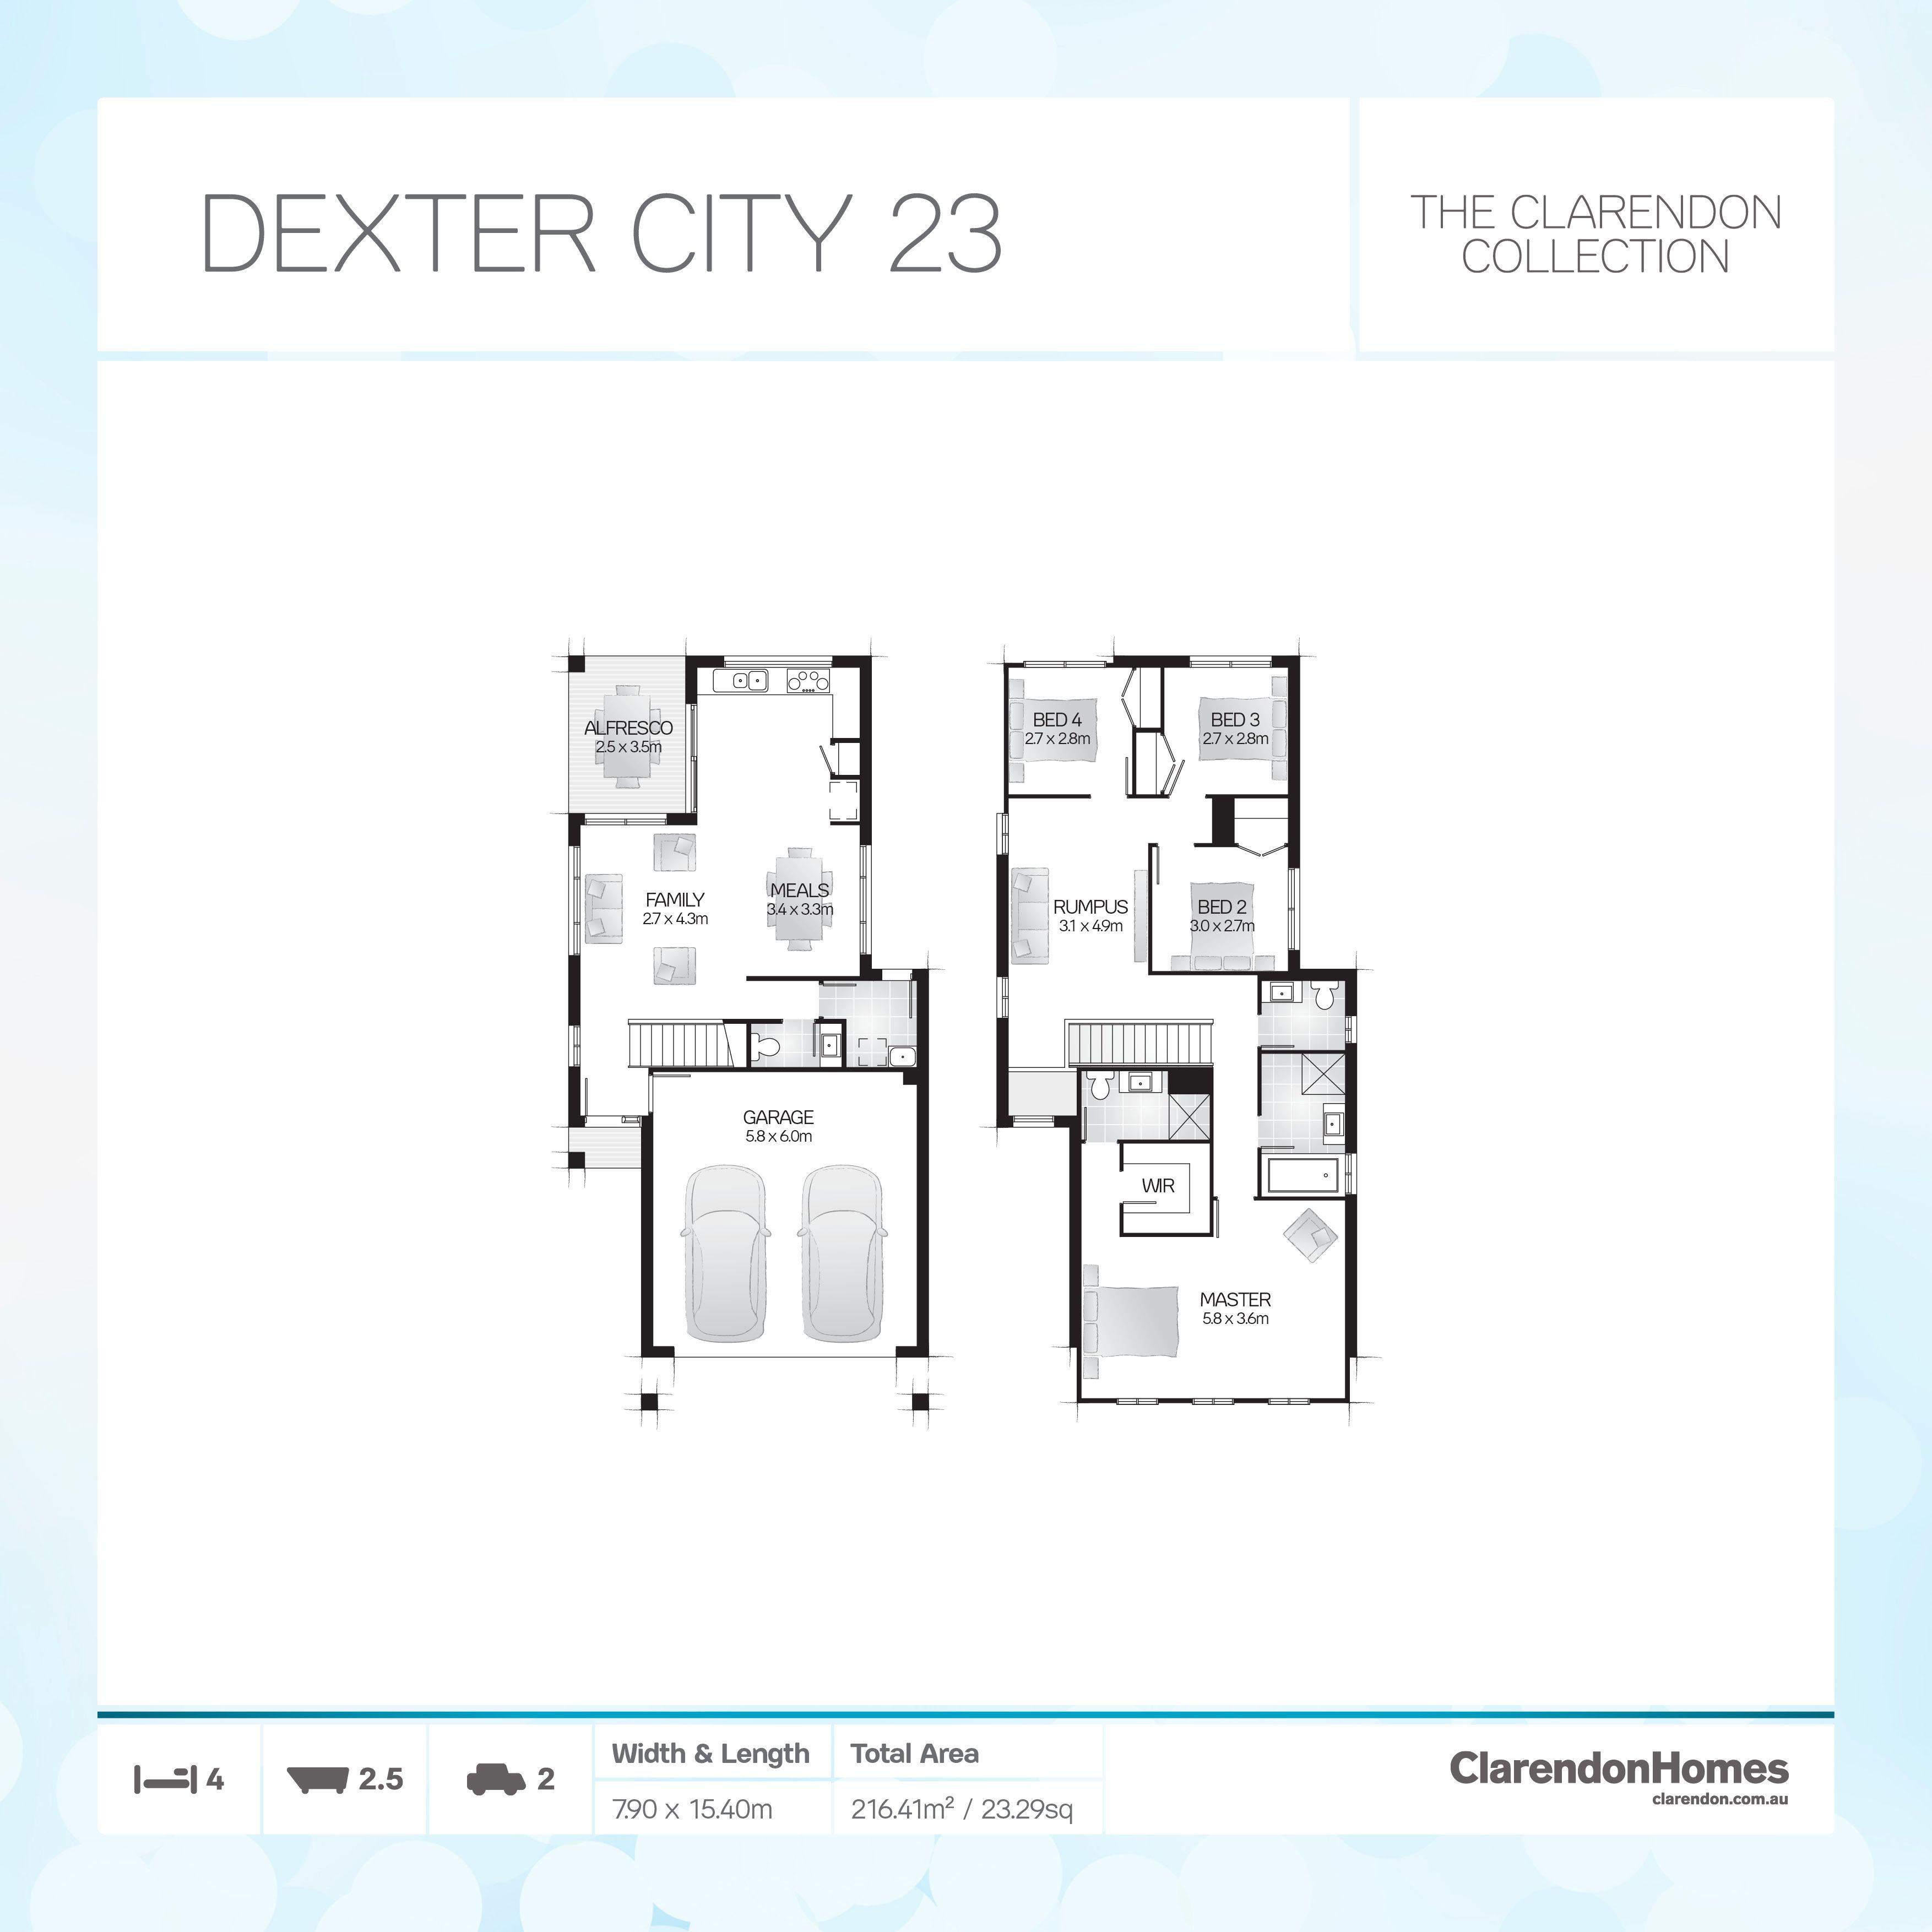 Clarendon Homes - City. Dexter City 23. Clever design - maximized ...